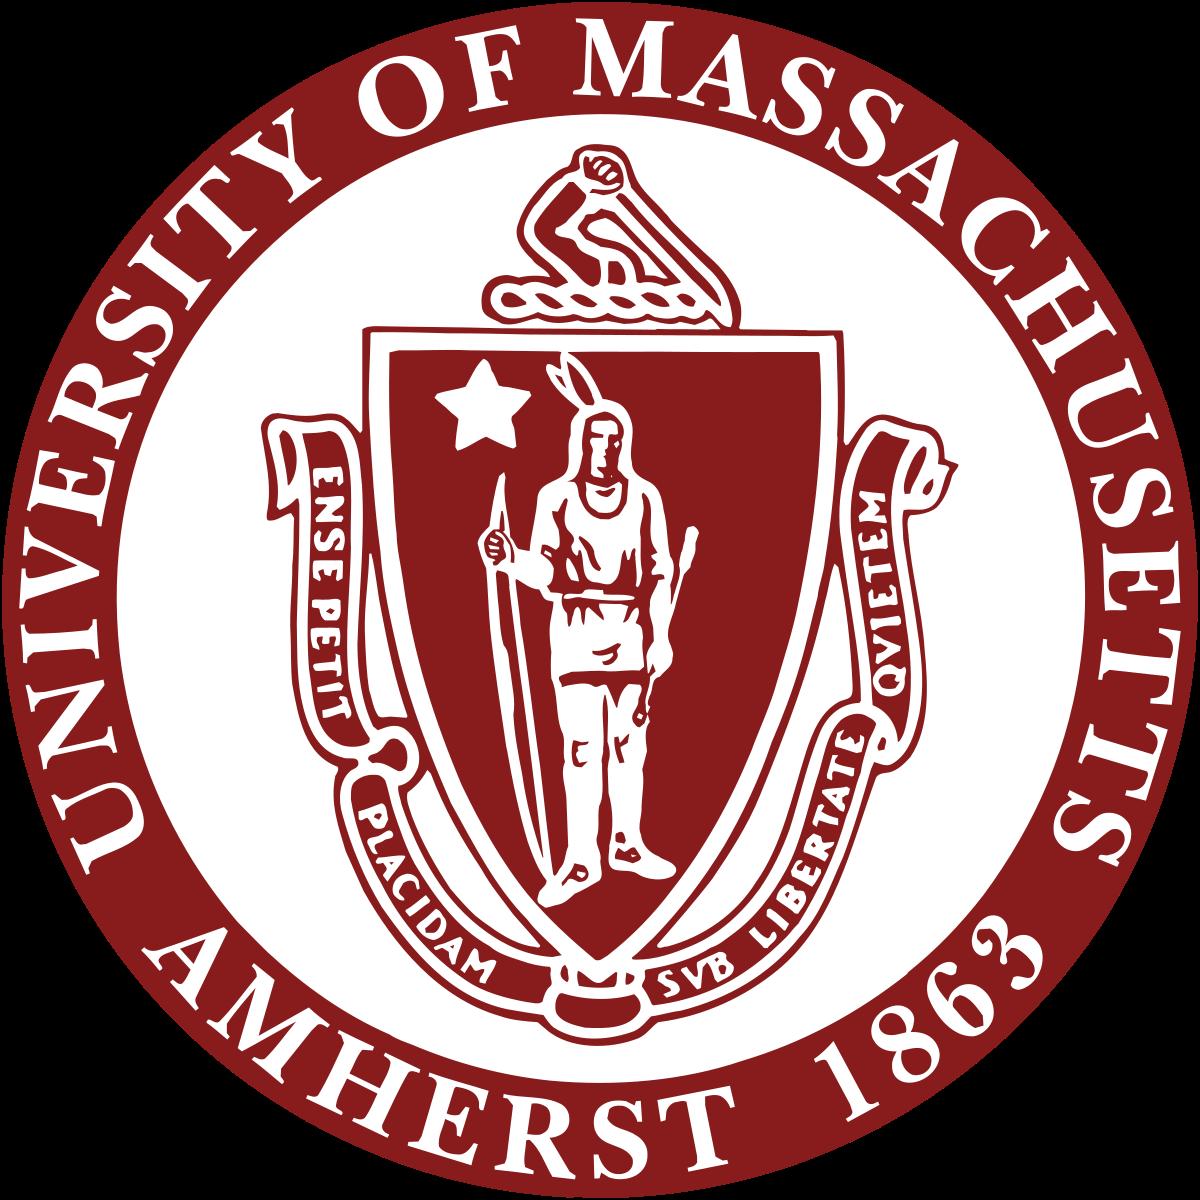 University of Massachusetts Amherst.